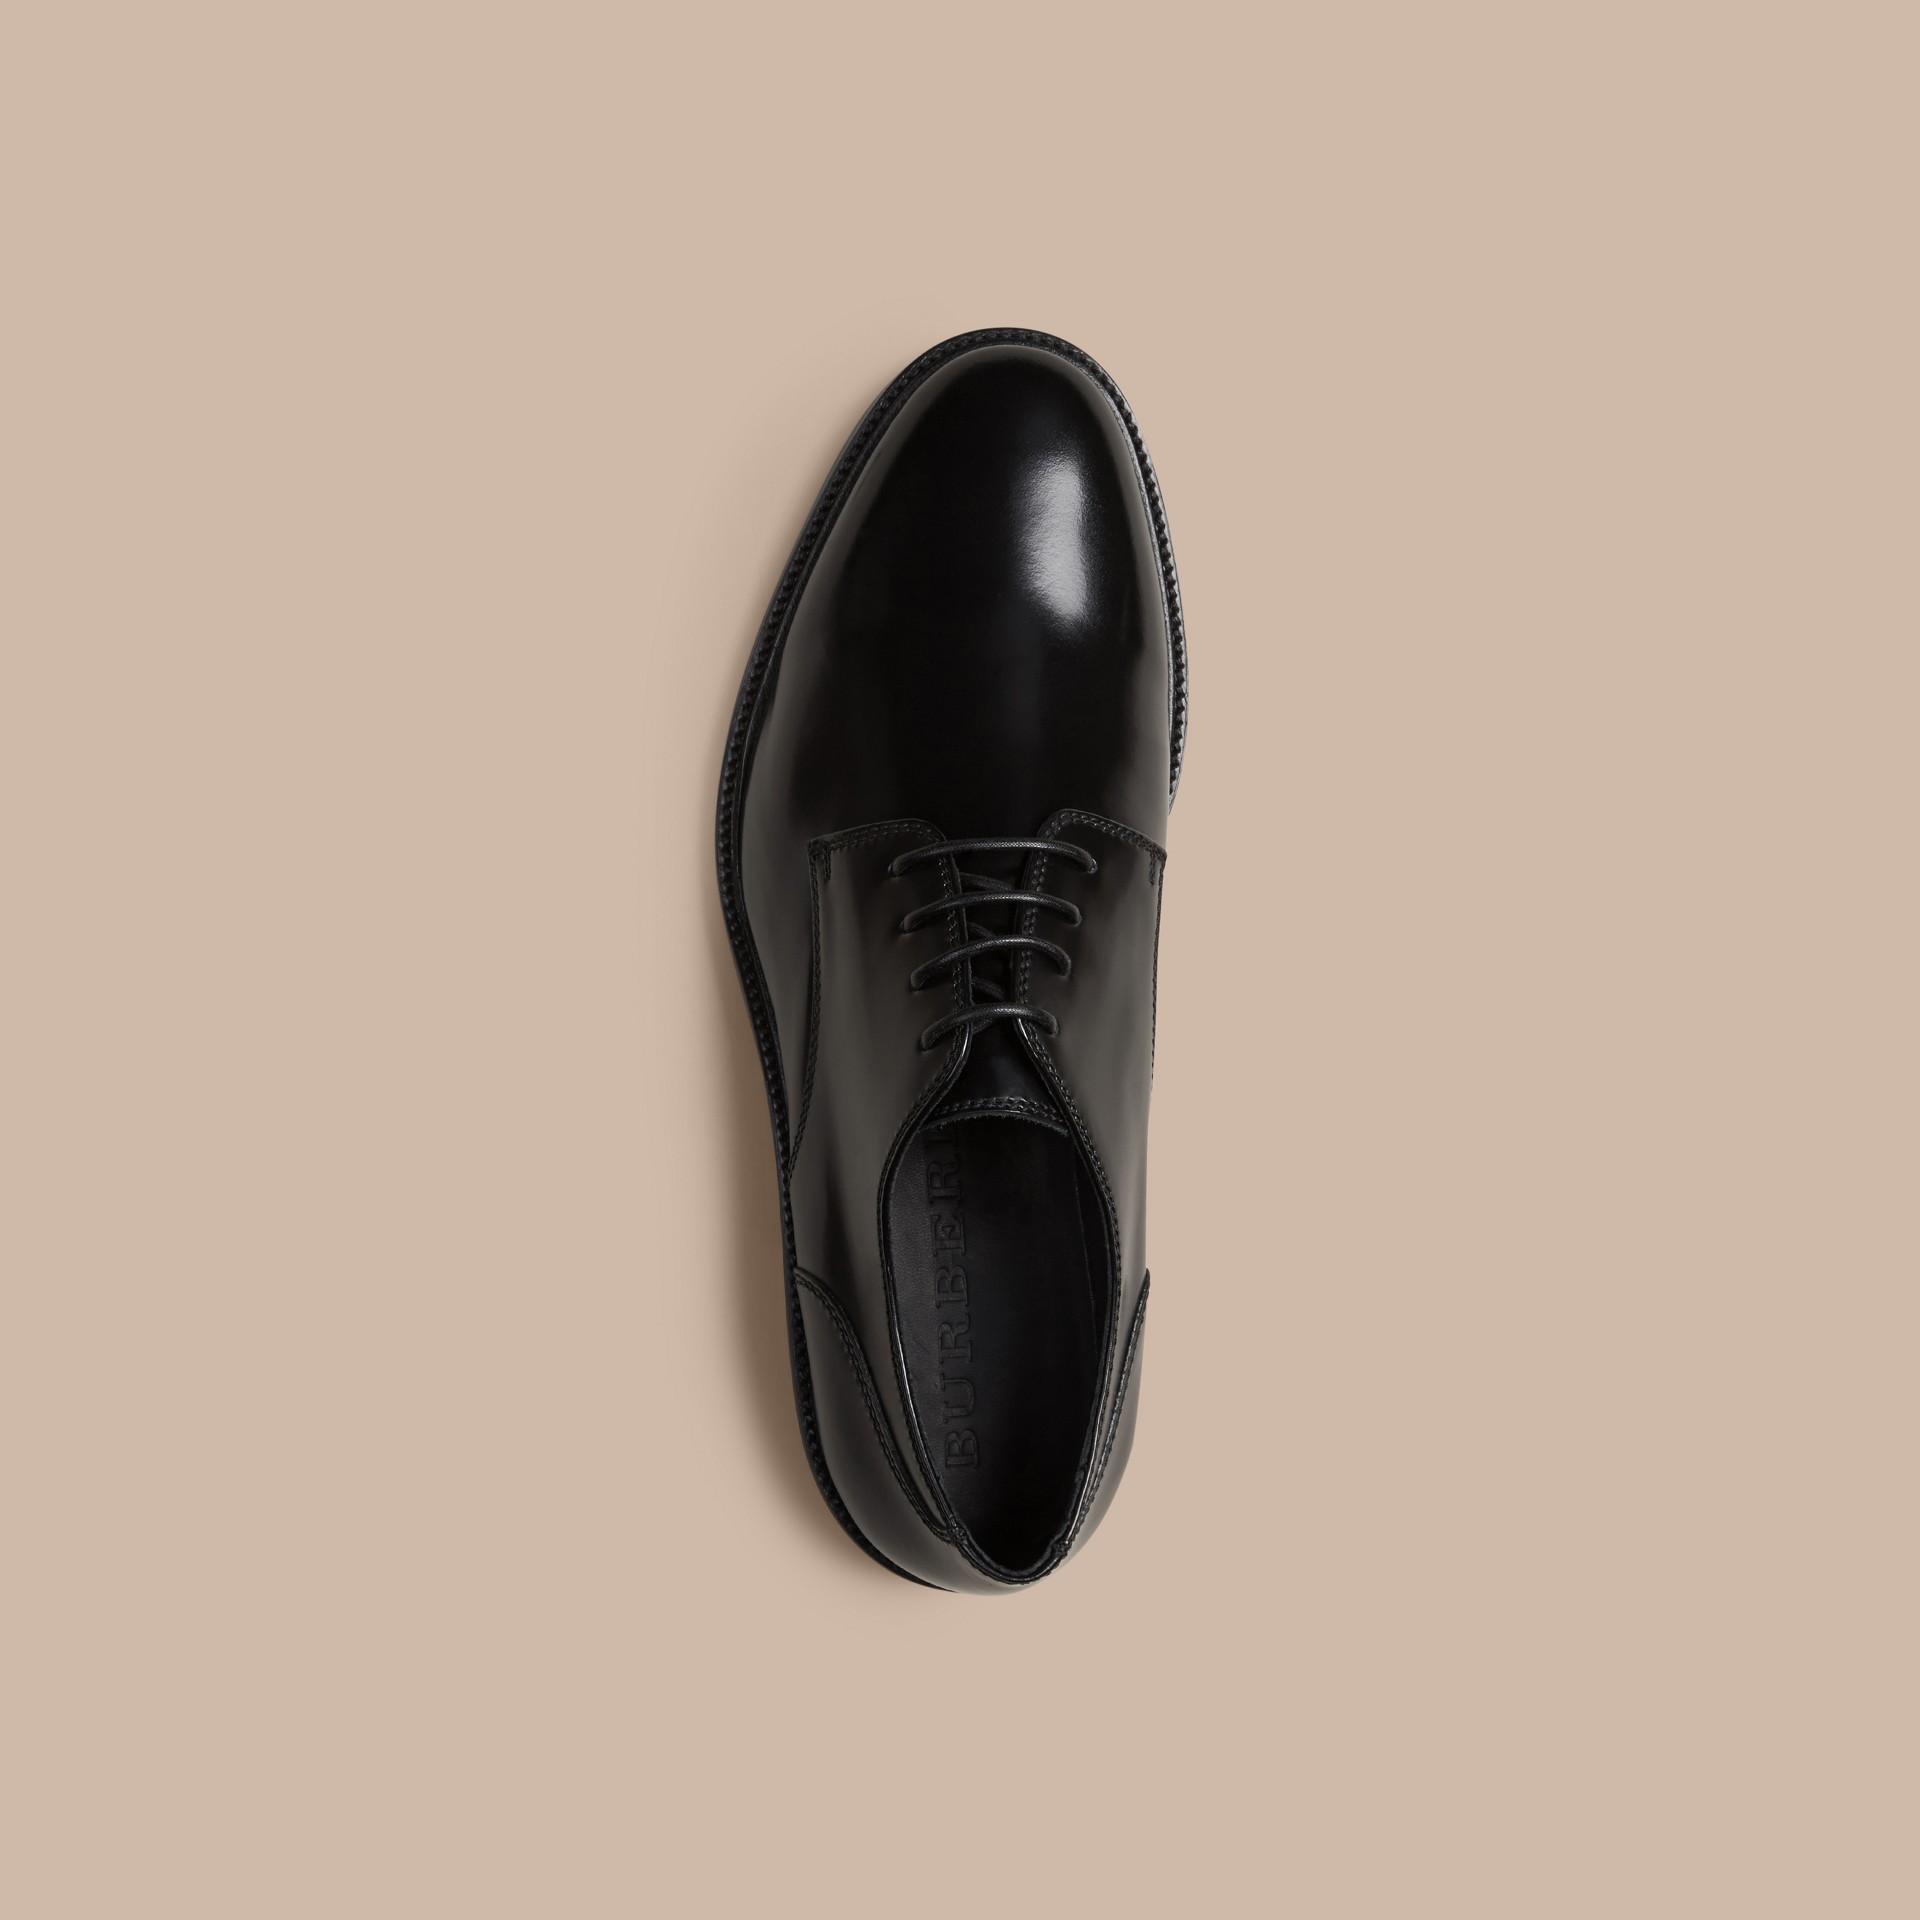 Schwarz Derby-Schuhe aus Leder Schwarz - Galerie-Bild 3